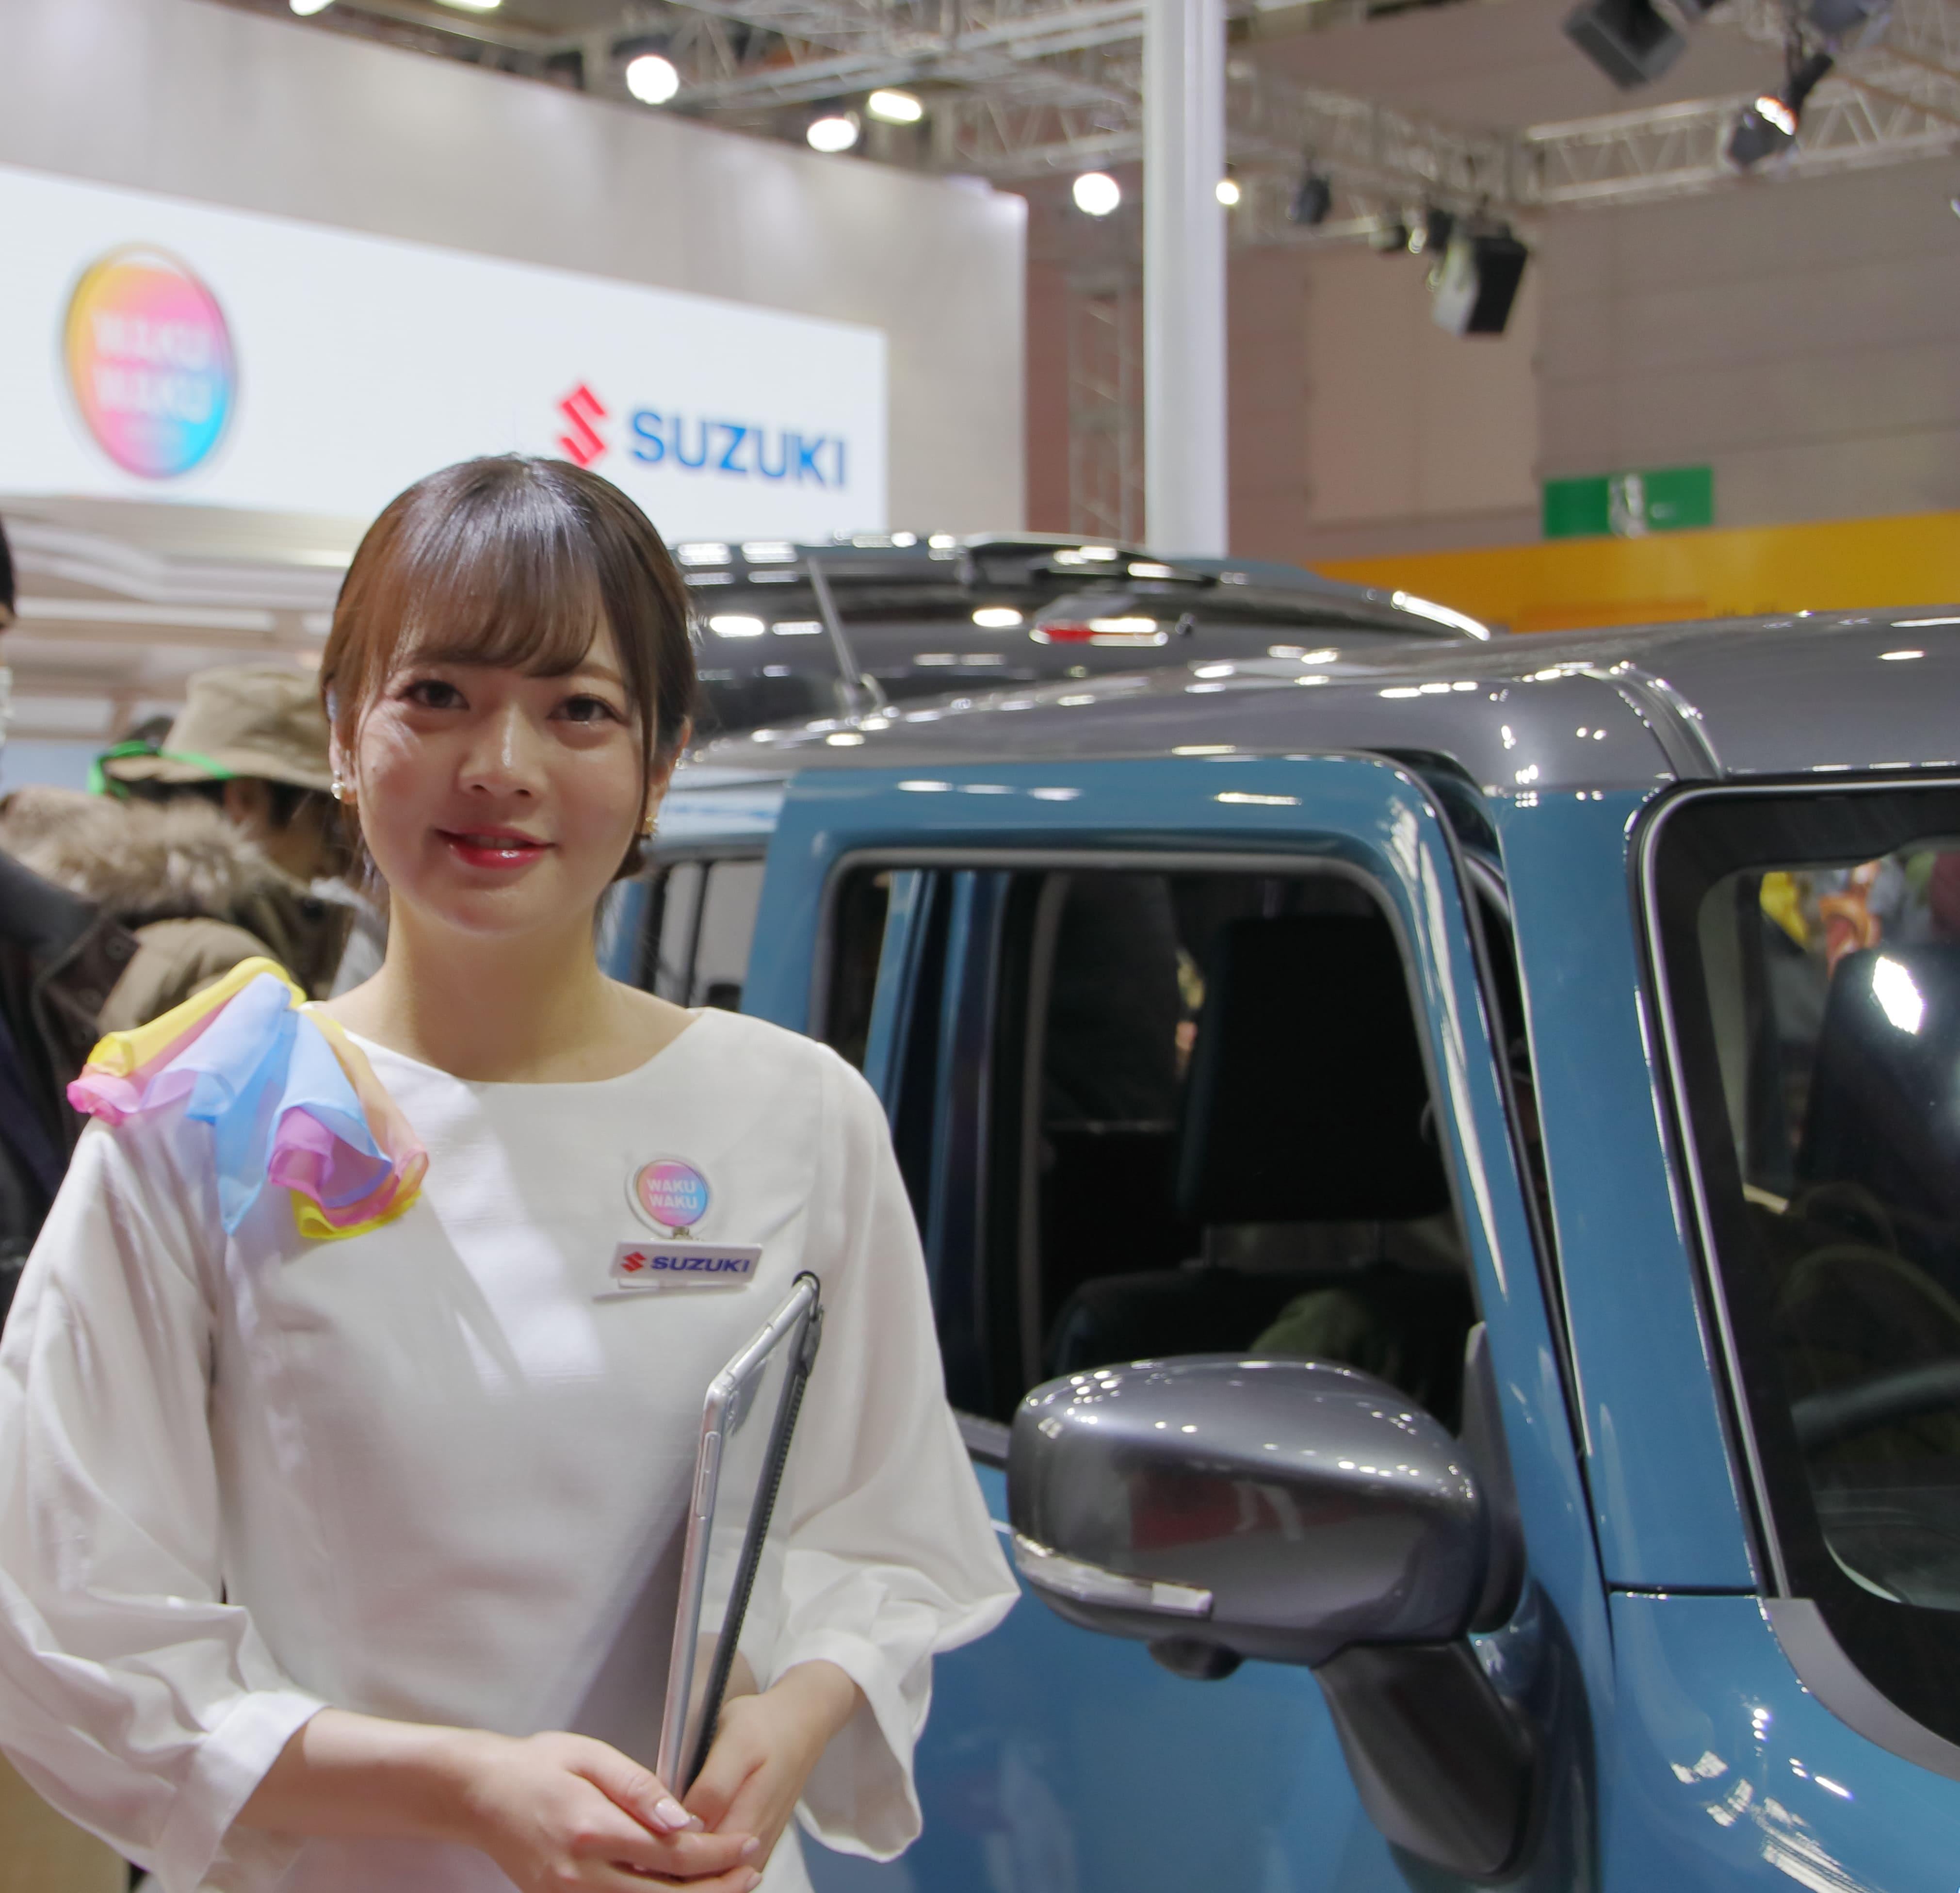 キャンペーンガール Part2 2019 大阪モーターショー編 2019大阪モーターショー